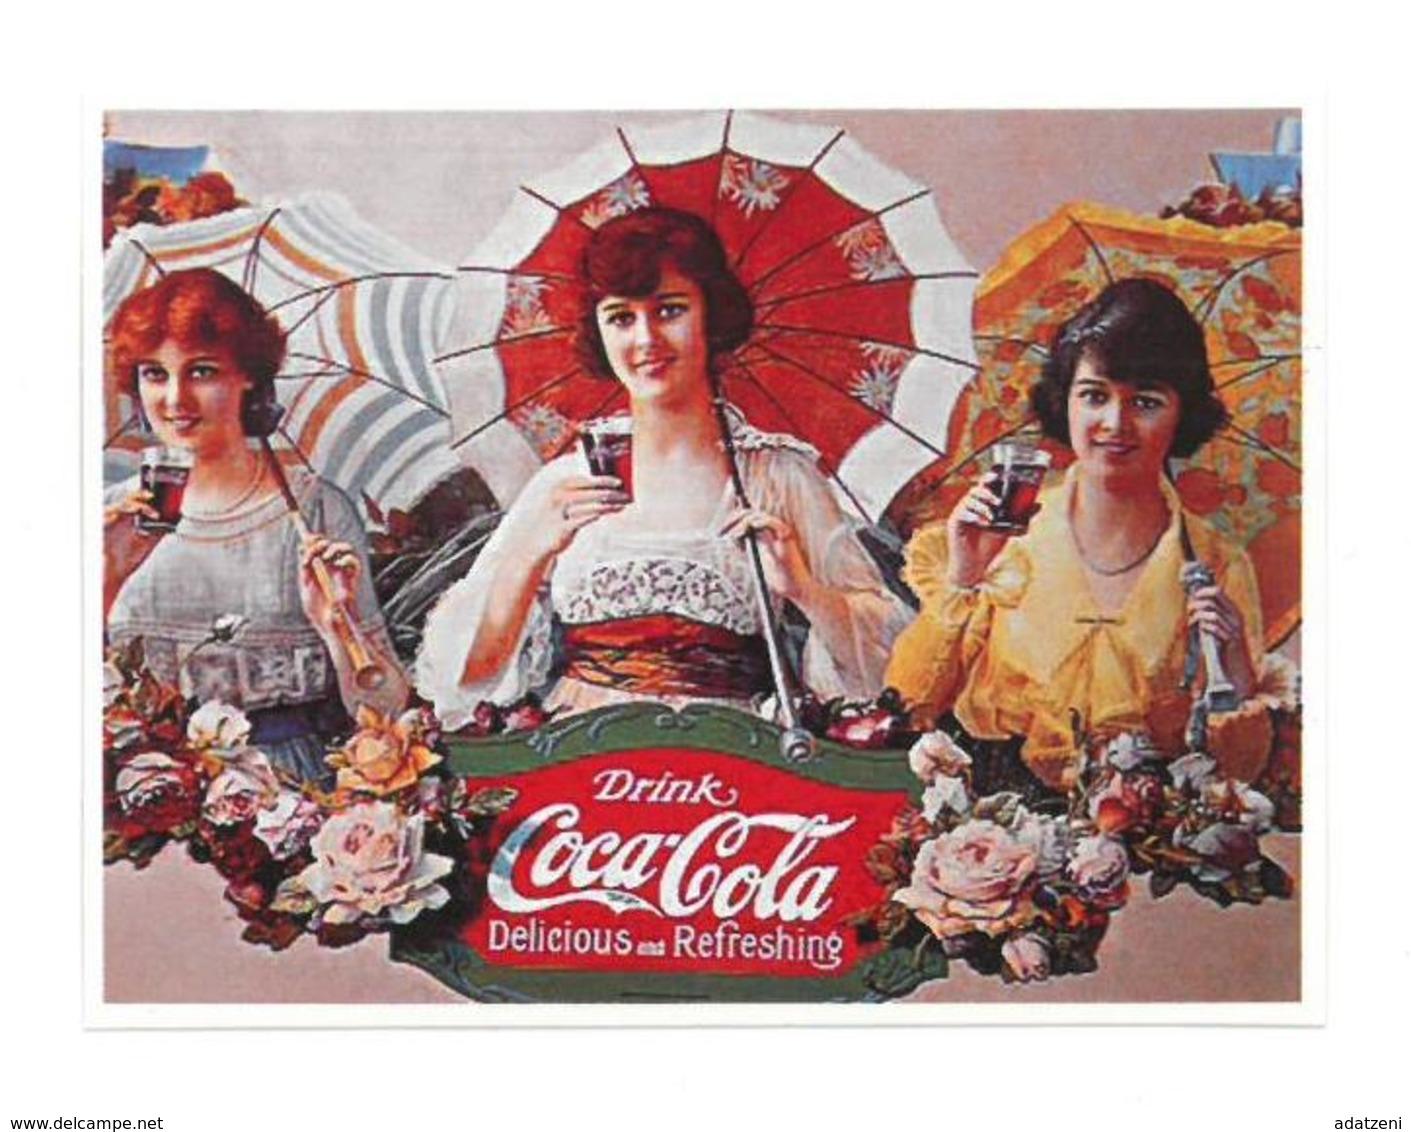 Adesivo Decalcomania Sticker Coca Cola Donna Delicious And Refreshing Dimensioni Cm 8x6 Circa - Adesivi